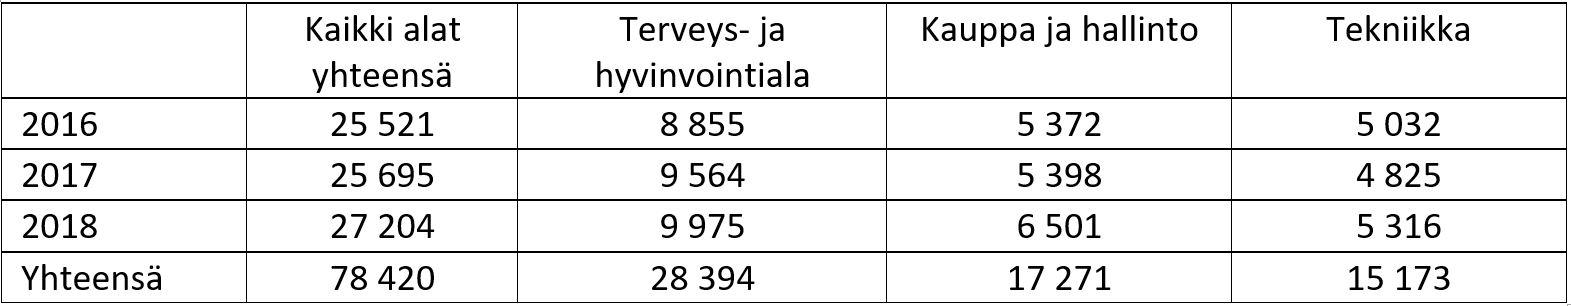 TAULUKKO 1. Yhteensä ammattikorkeakouluissa tehtyjen sekä kolmen suurimman koulutusalan opinnäytetöiden lukumäärät vuosina 2016-2018.